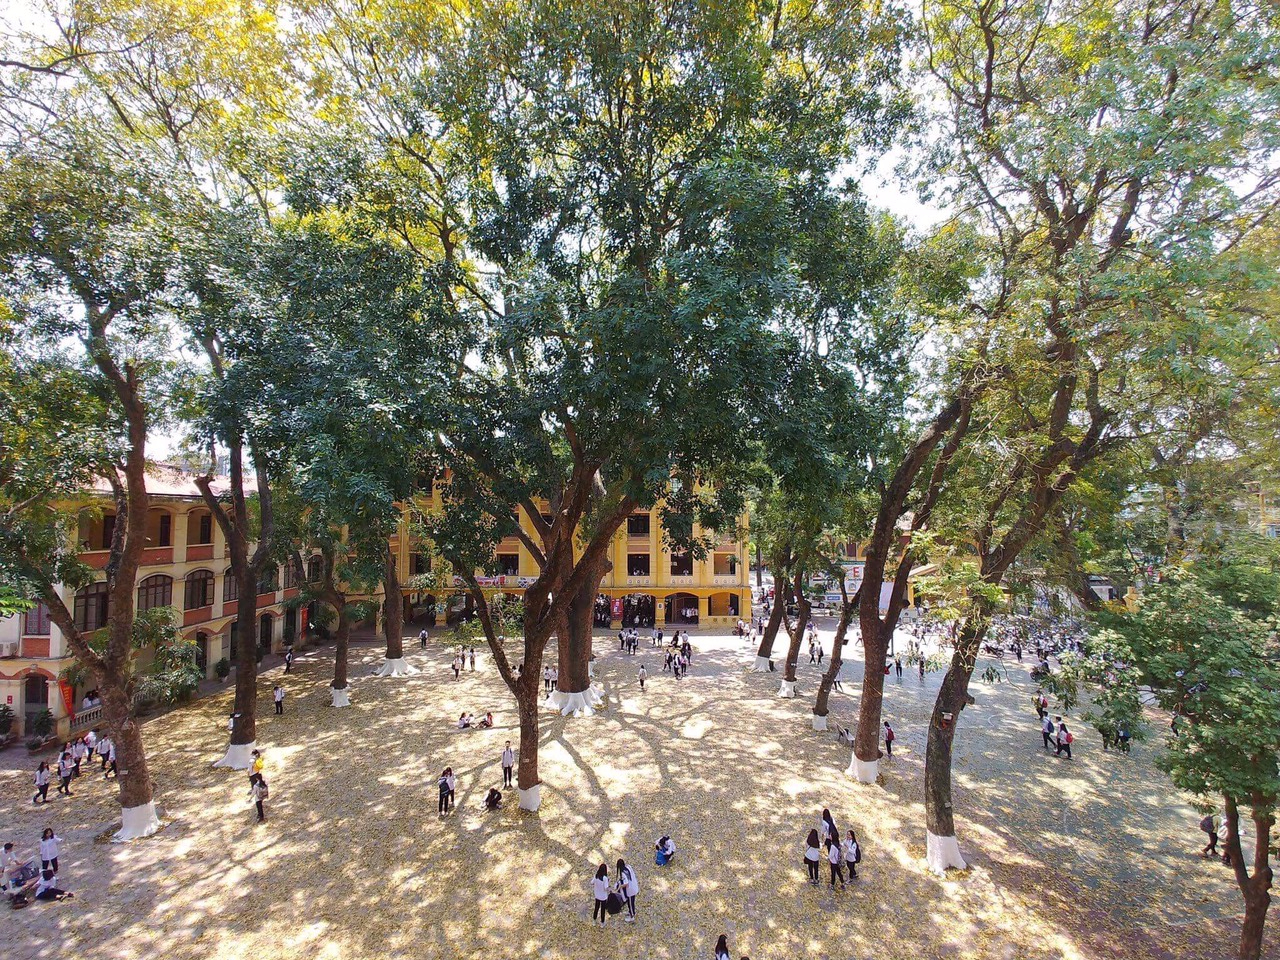 Bật mí bí mật của 3 ngôi trường nổi tiếng ở Hà Nội: Có 1 sở thú ngay trong trường, học hành bị stress quá thì rủ nhau trốn lên cửa trời - Ảnh 5.